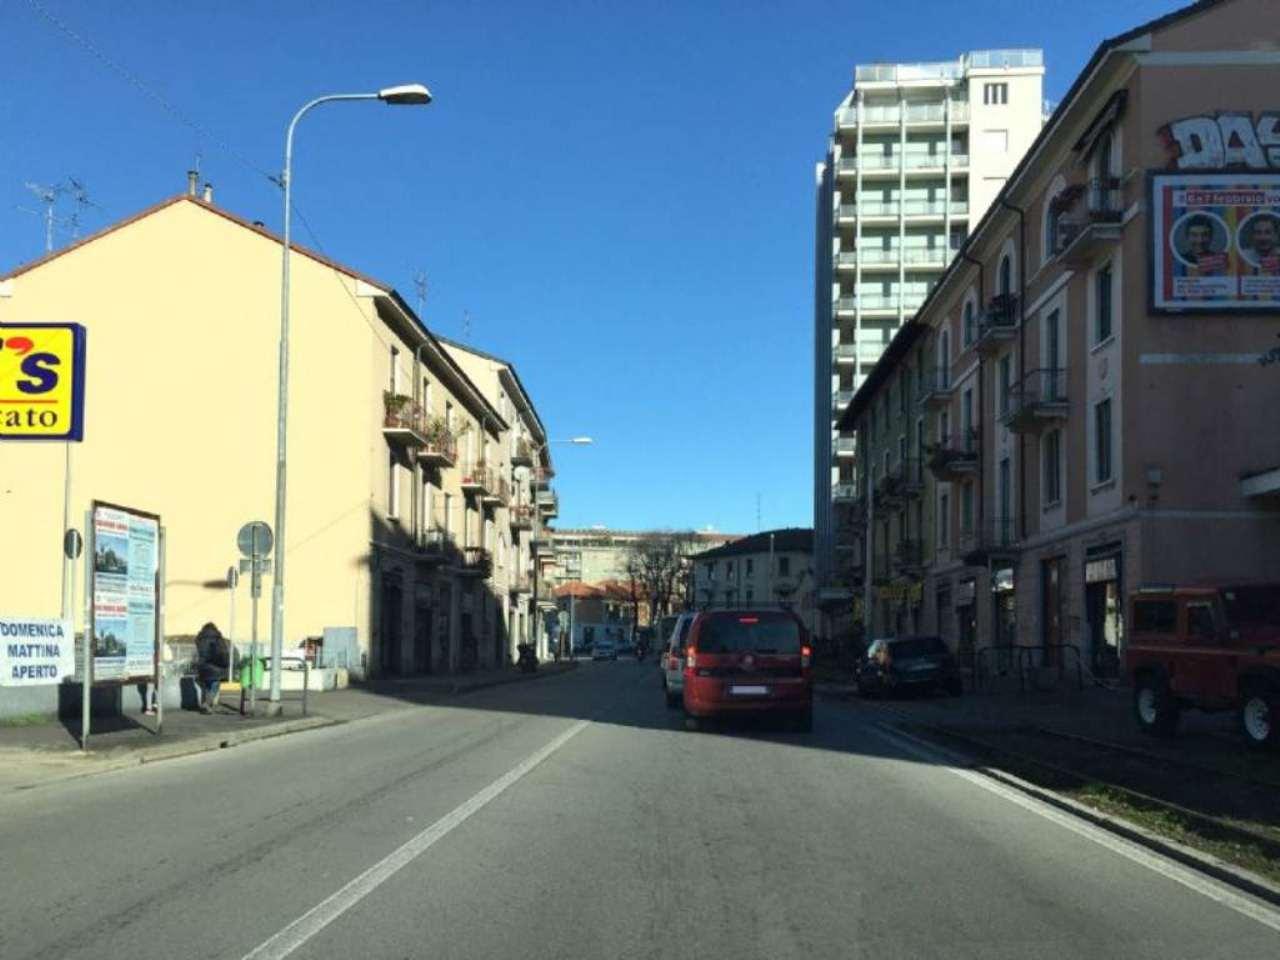 Negozio / Locale in affitto a Bresso, 2 locali, prezzo € 933 | Cambio Casa.it